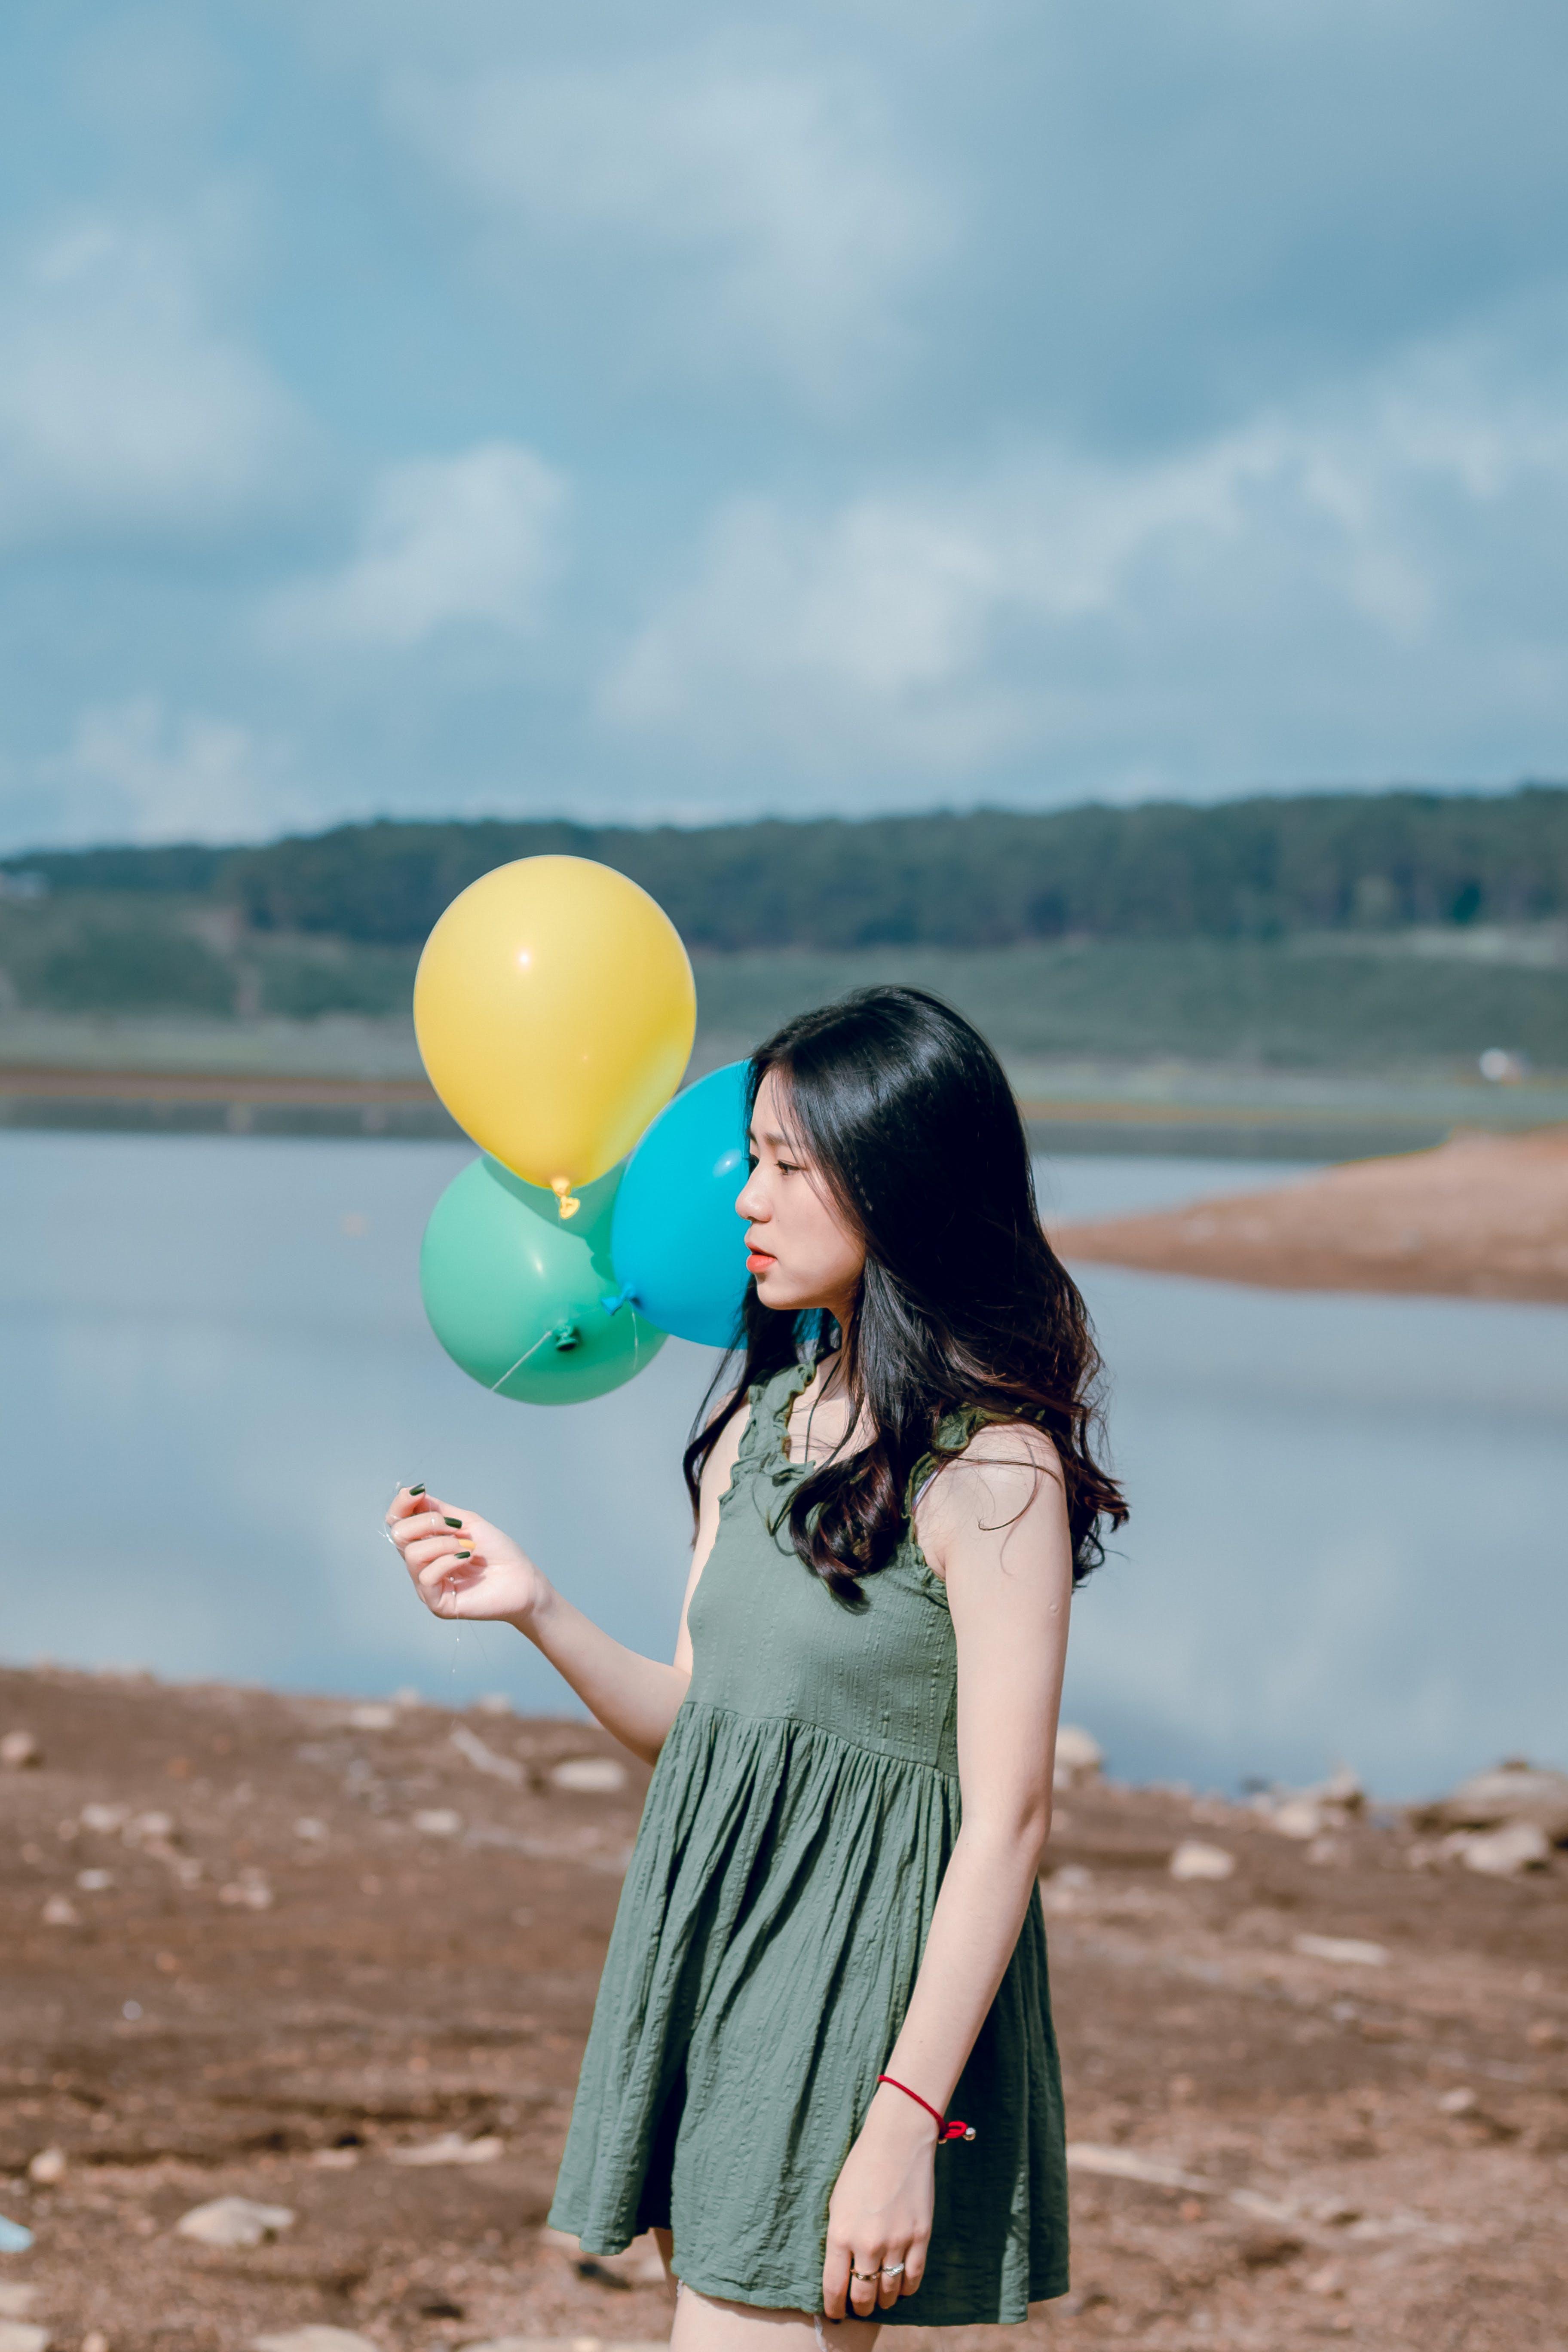 Gratis stockfoto met aanbod, ballonnen, eigen tijd, genot